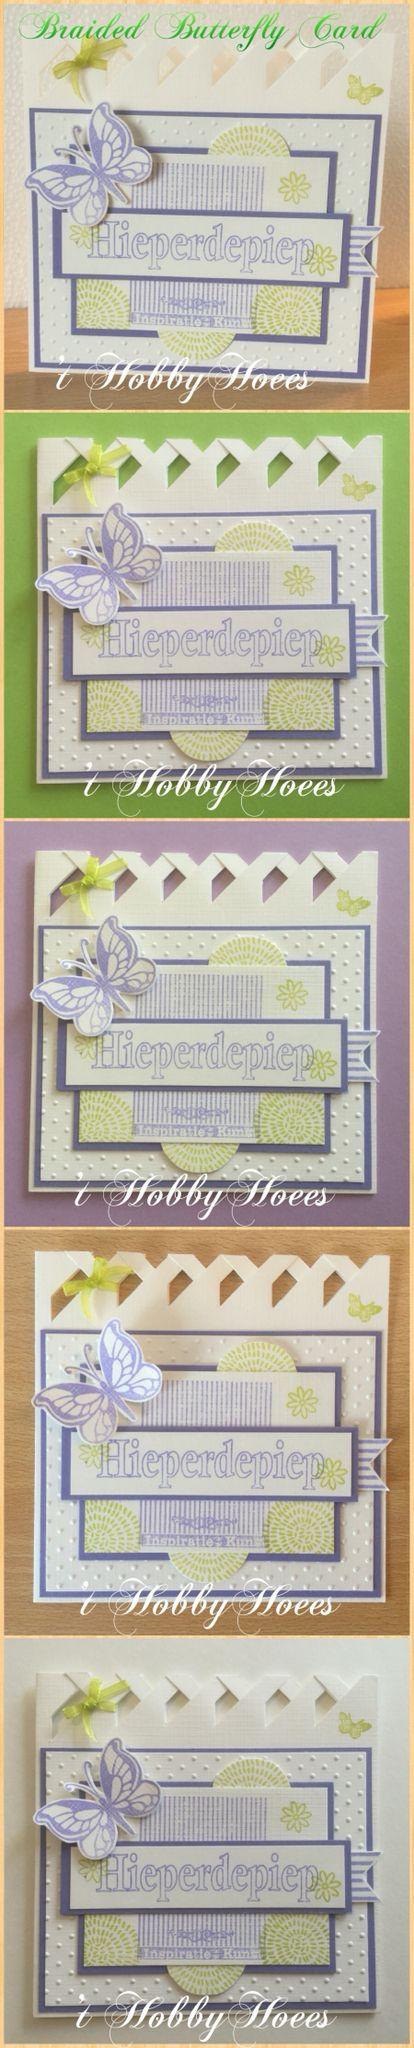 """Braided Butterfly Card. HIeperdepiep! Met stempels van Different Colors. Trek aan de voorkant aan het """"vaantje"""" voor een extra wens. 't HobbyHoees 21 maart 2015"""